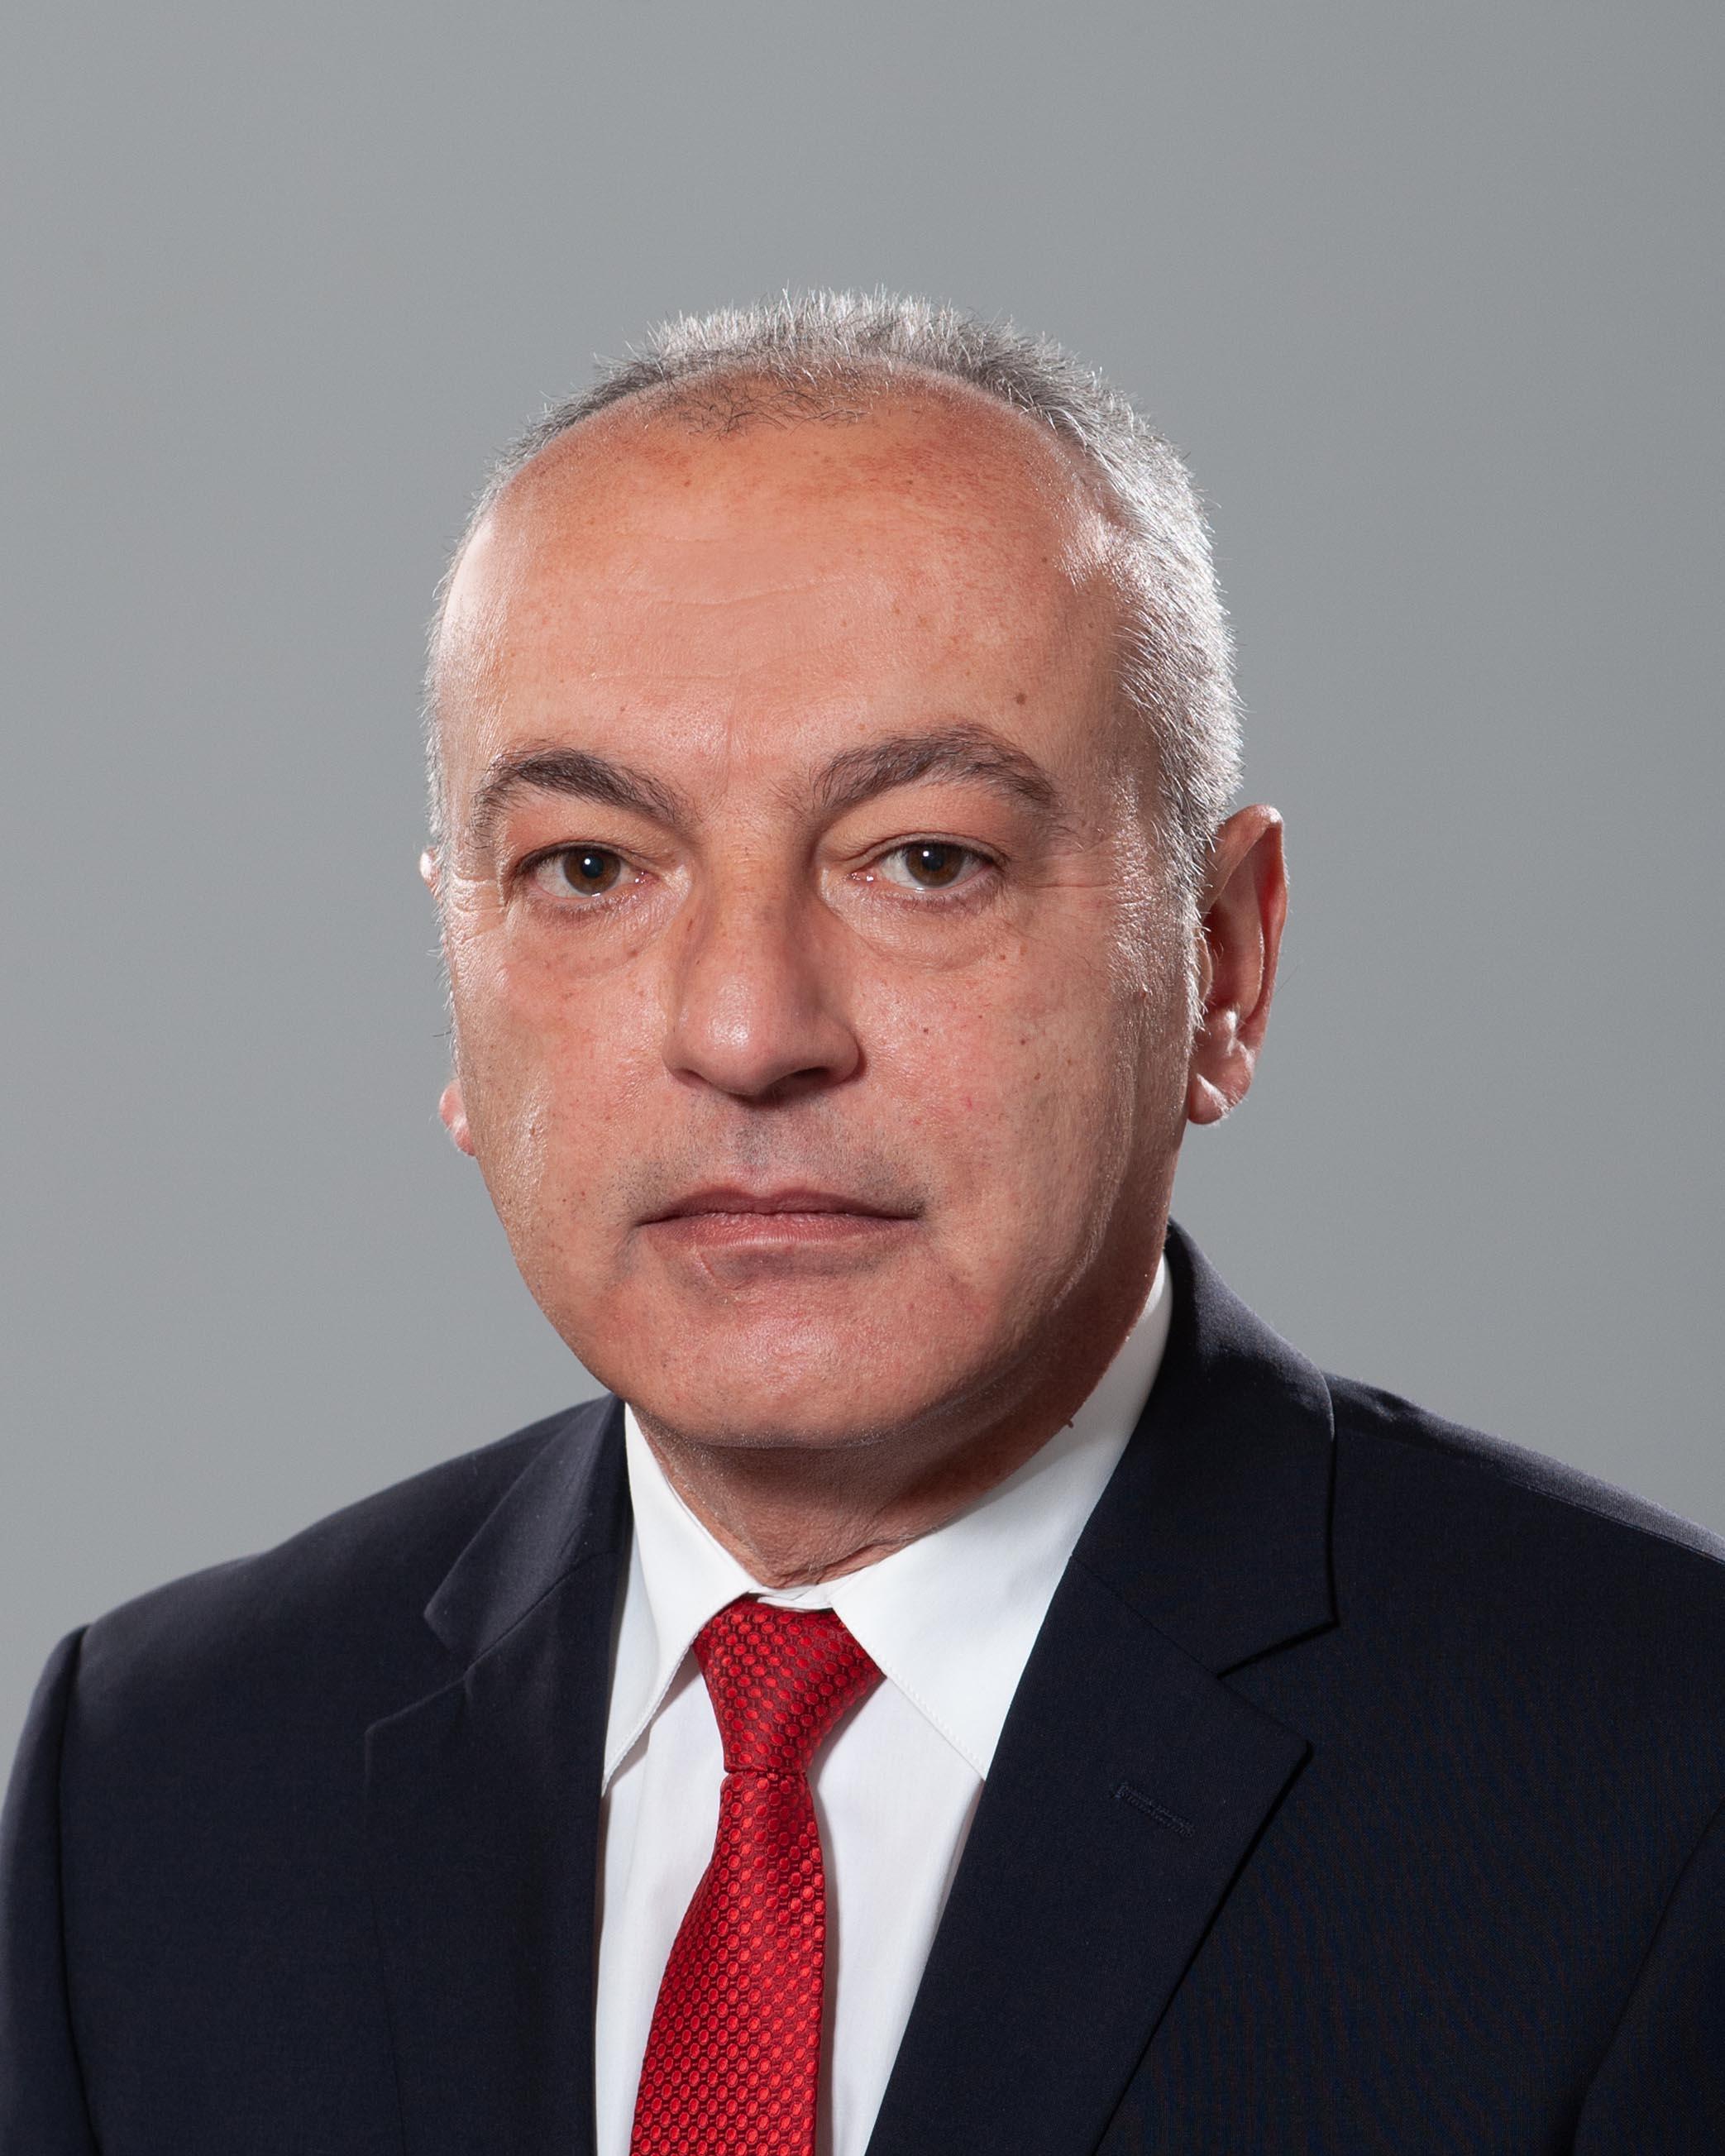 <p>Гълъб Спасов Донев - служебен заместник министър-председател по икономическите и социалните политики и служебен министър на труда и социалната политика.</p>  <p><br /> &nbsp;</p>